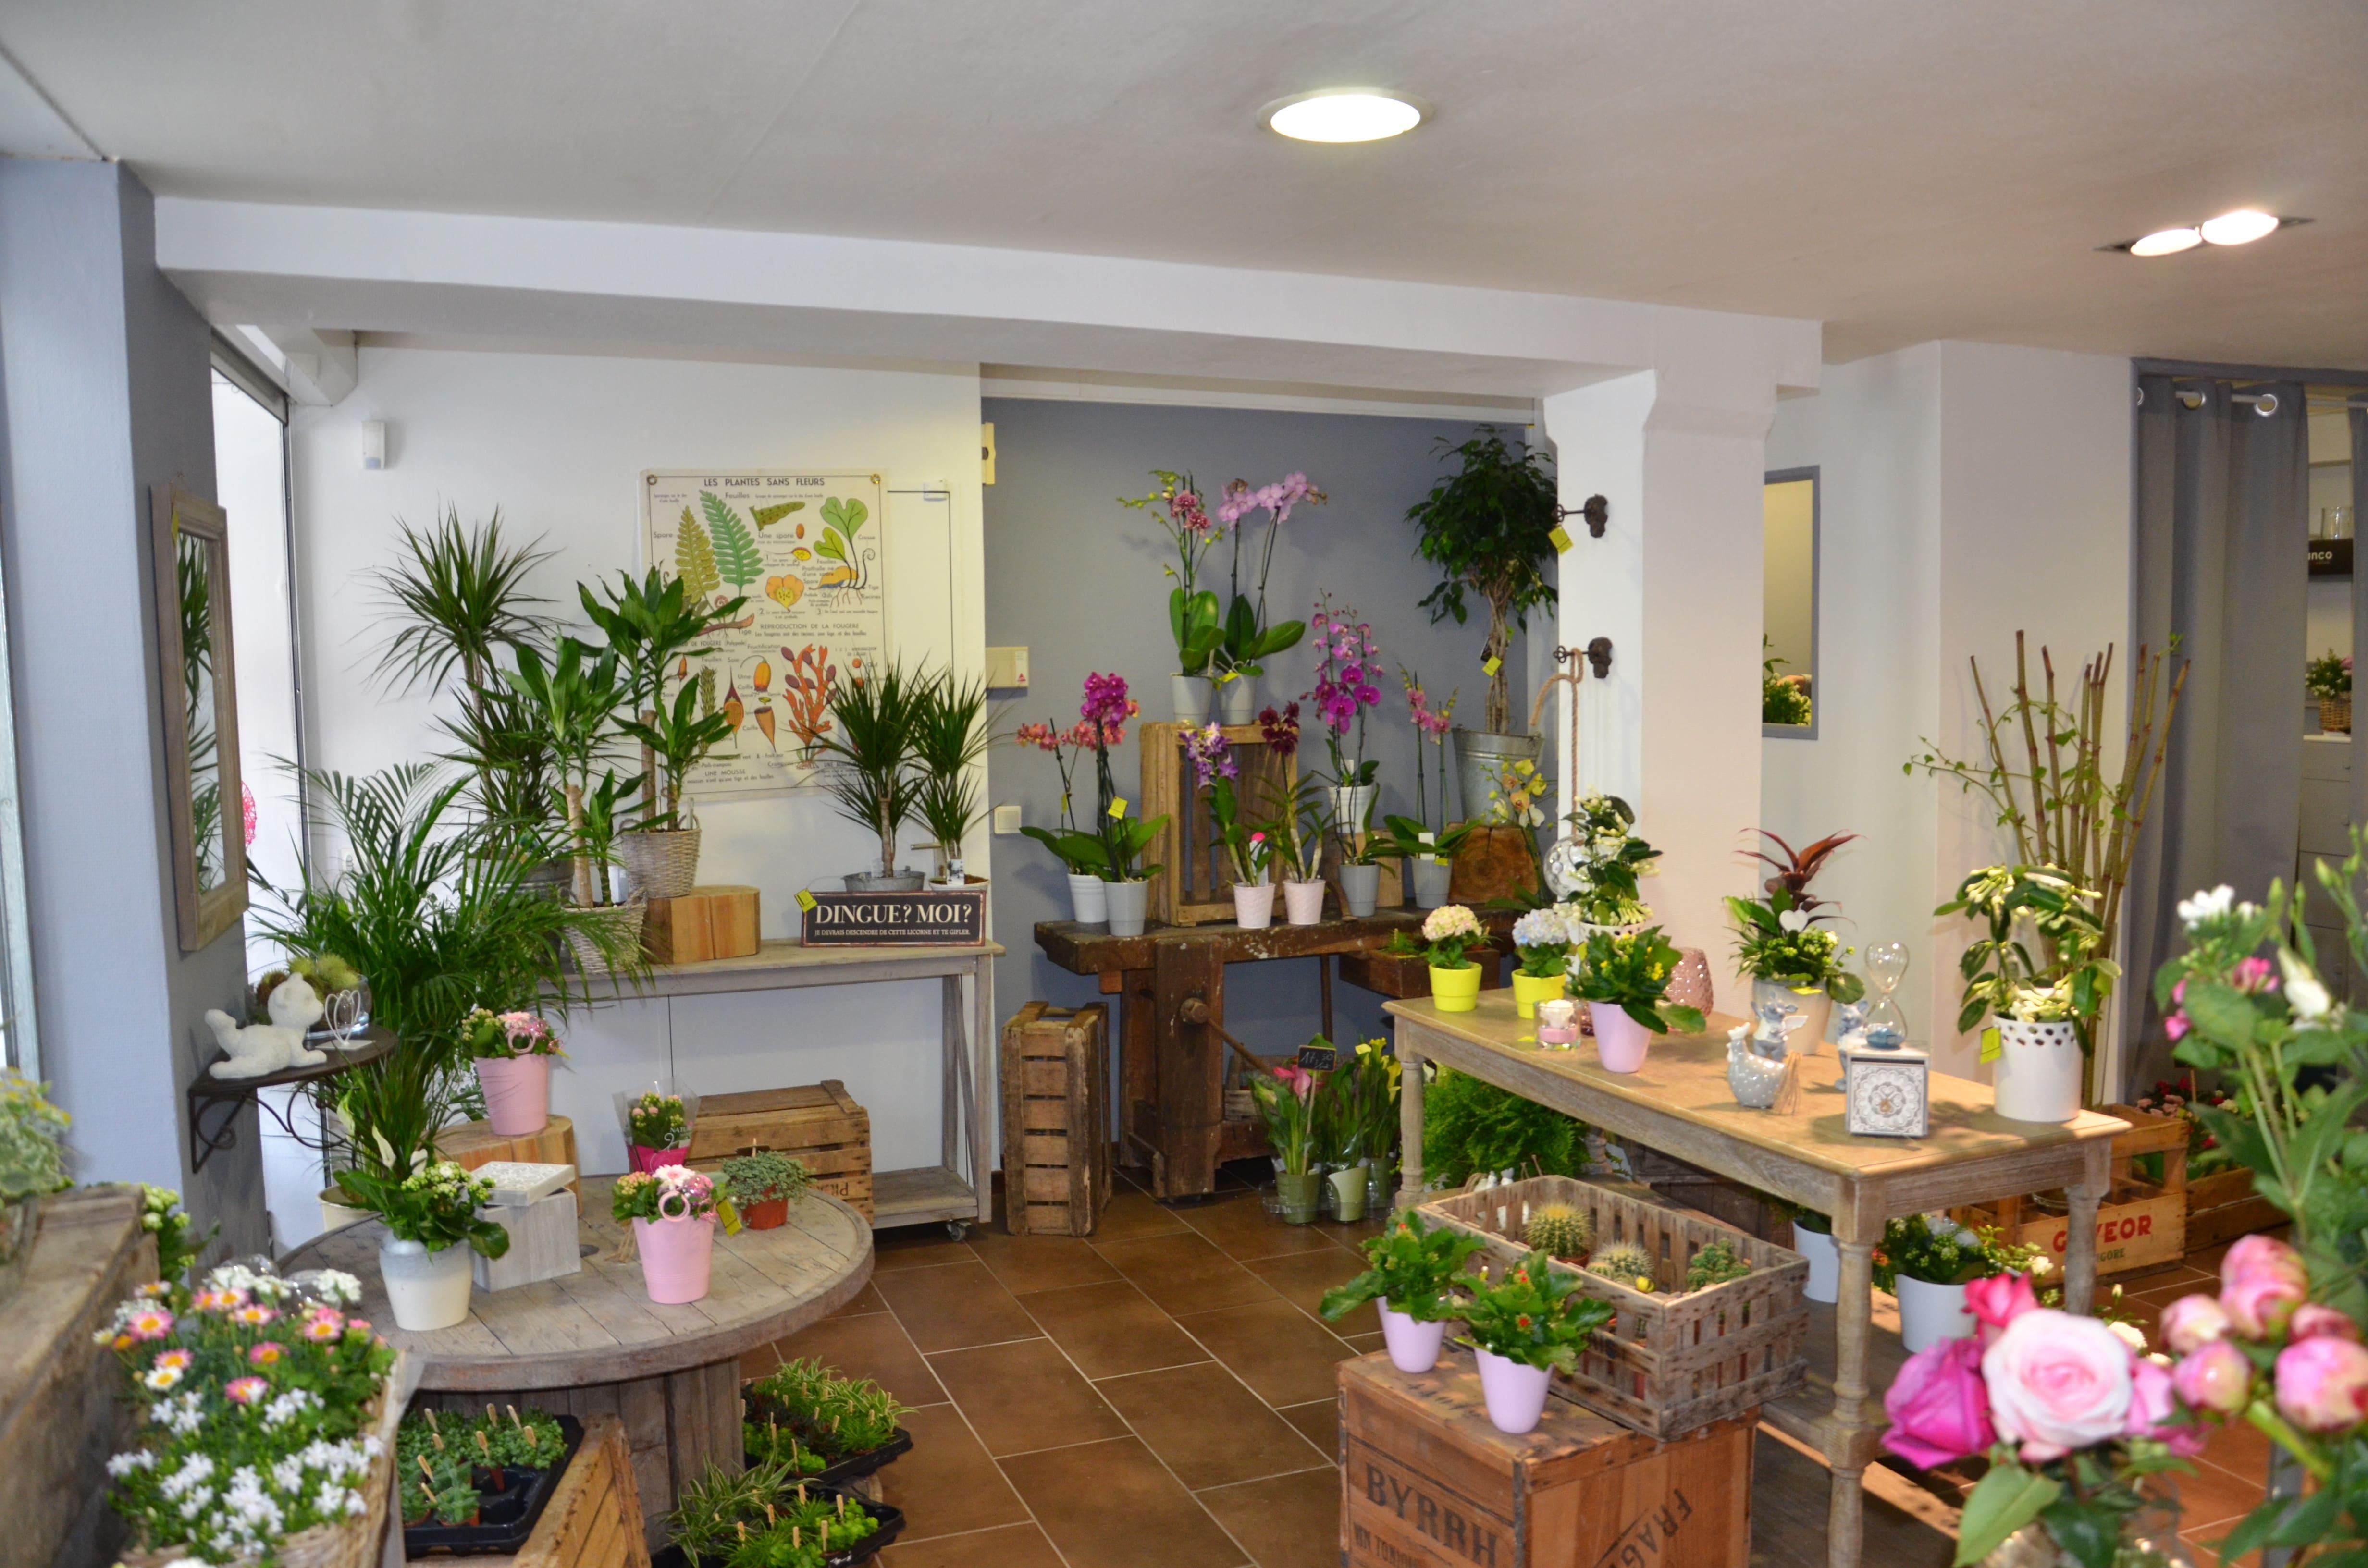 L'intérieur de la boutique à L'ATELIER d'Amélie